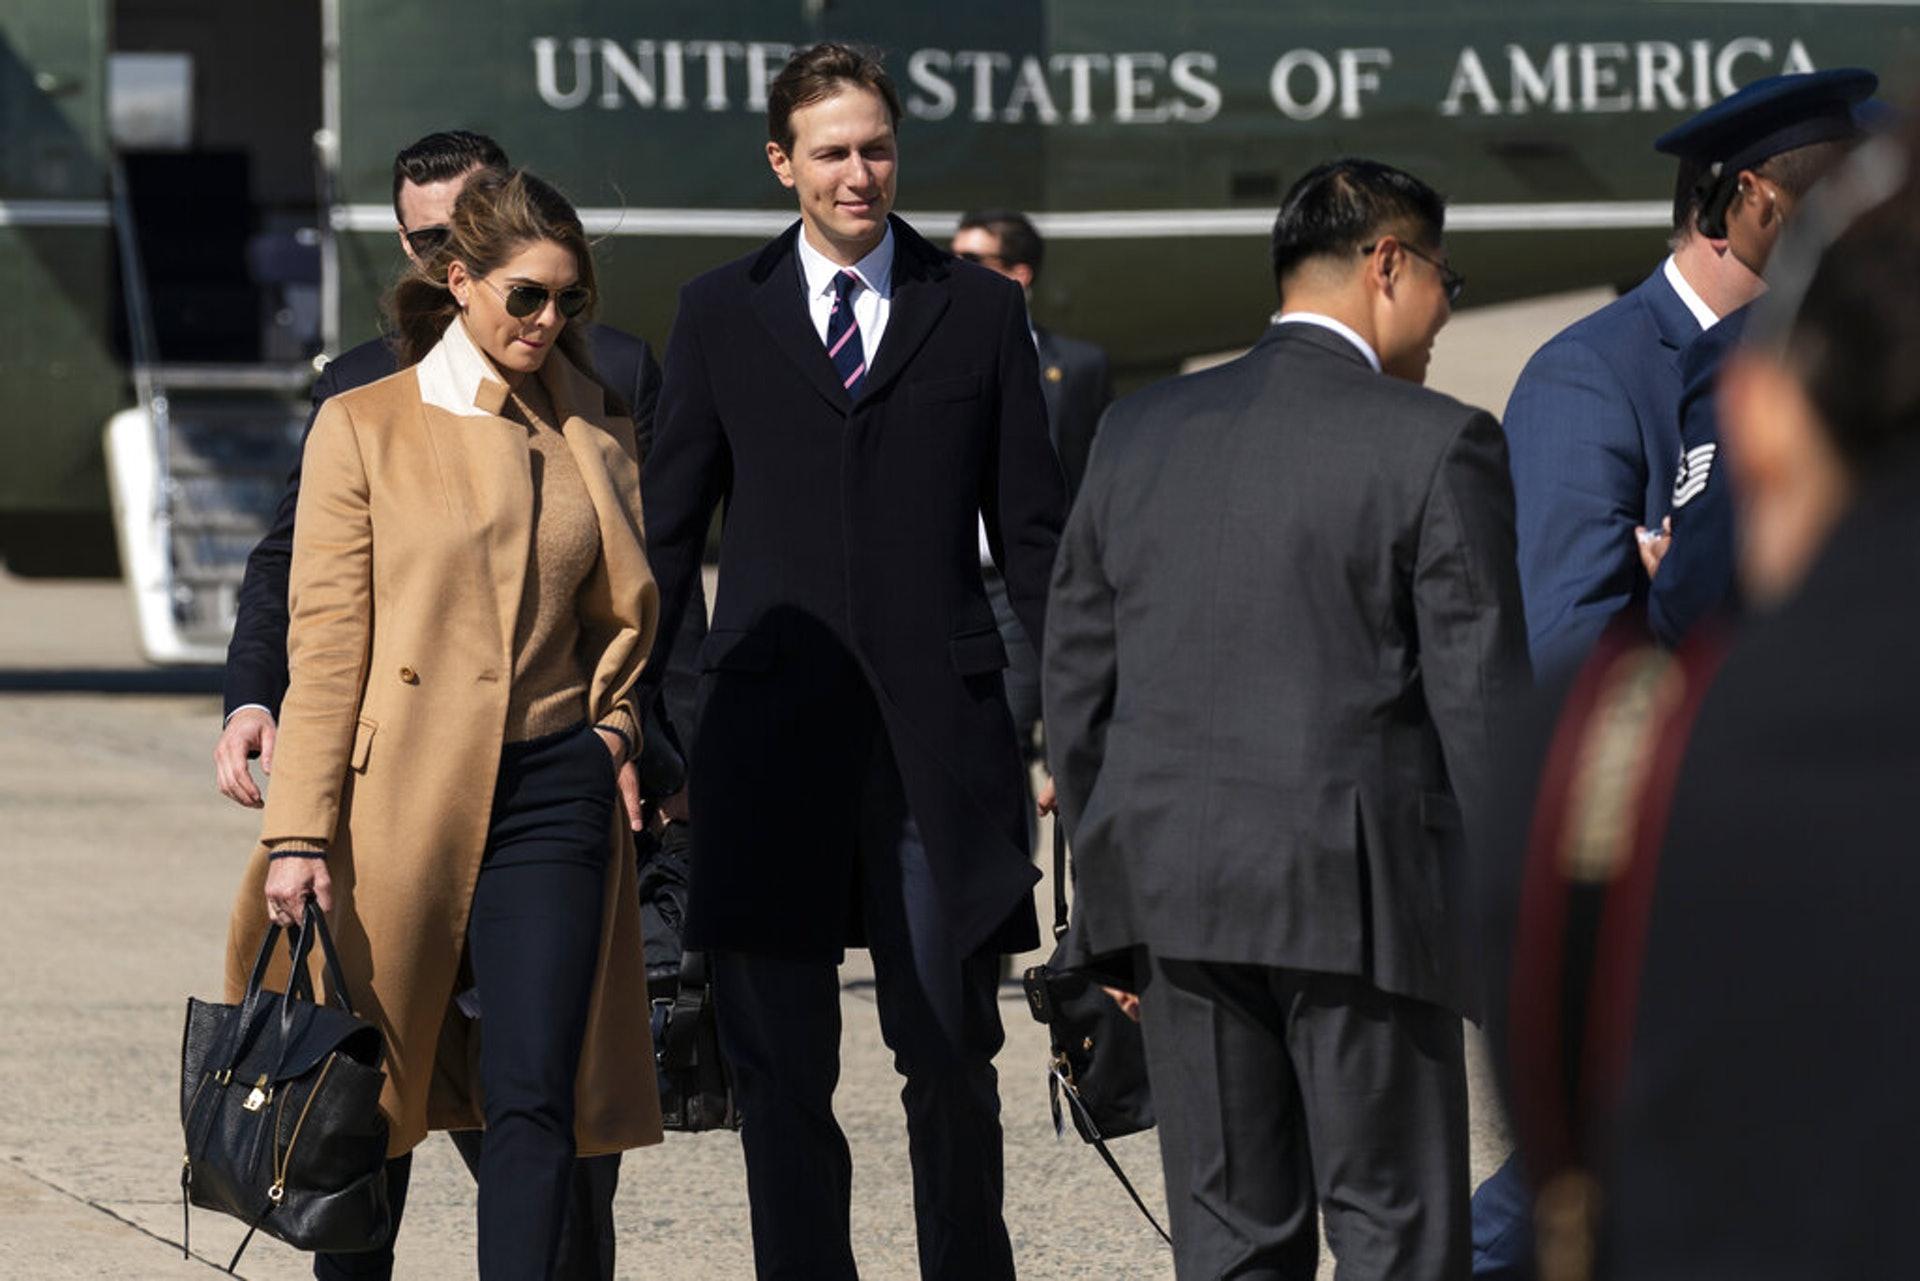 美國總統特朗普2020年10月1日晚證實他的高級助理希克斯確診新冠肺炎。圖為她9月30日在安德魯斯空軍基地,自海軍一號直升機下來,前往陪同特朗普乘總統專機,飛往俄亥俄州參加第一場總統候選人辯論。(AP)